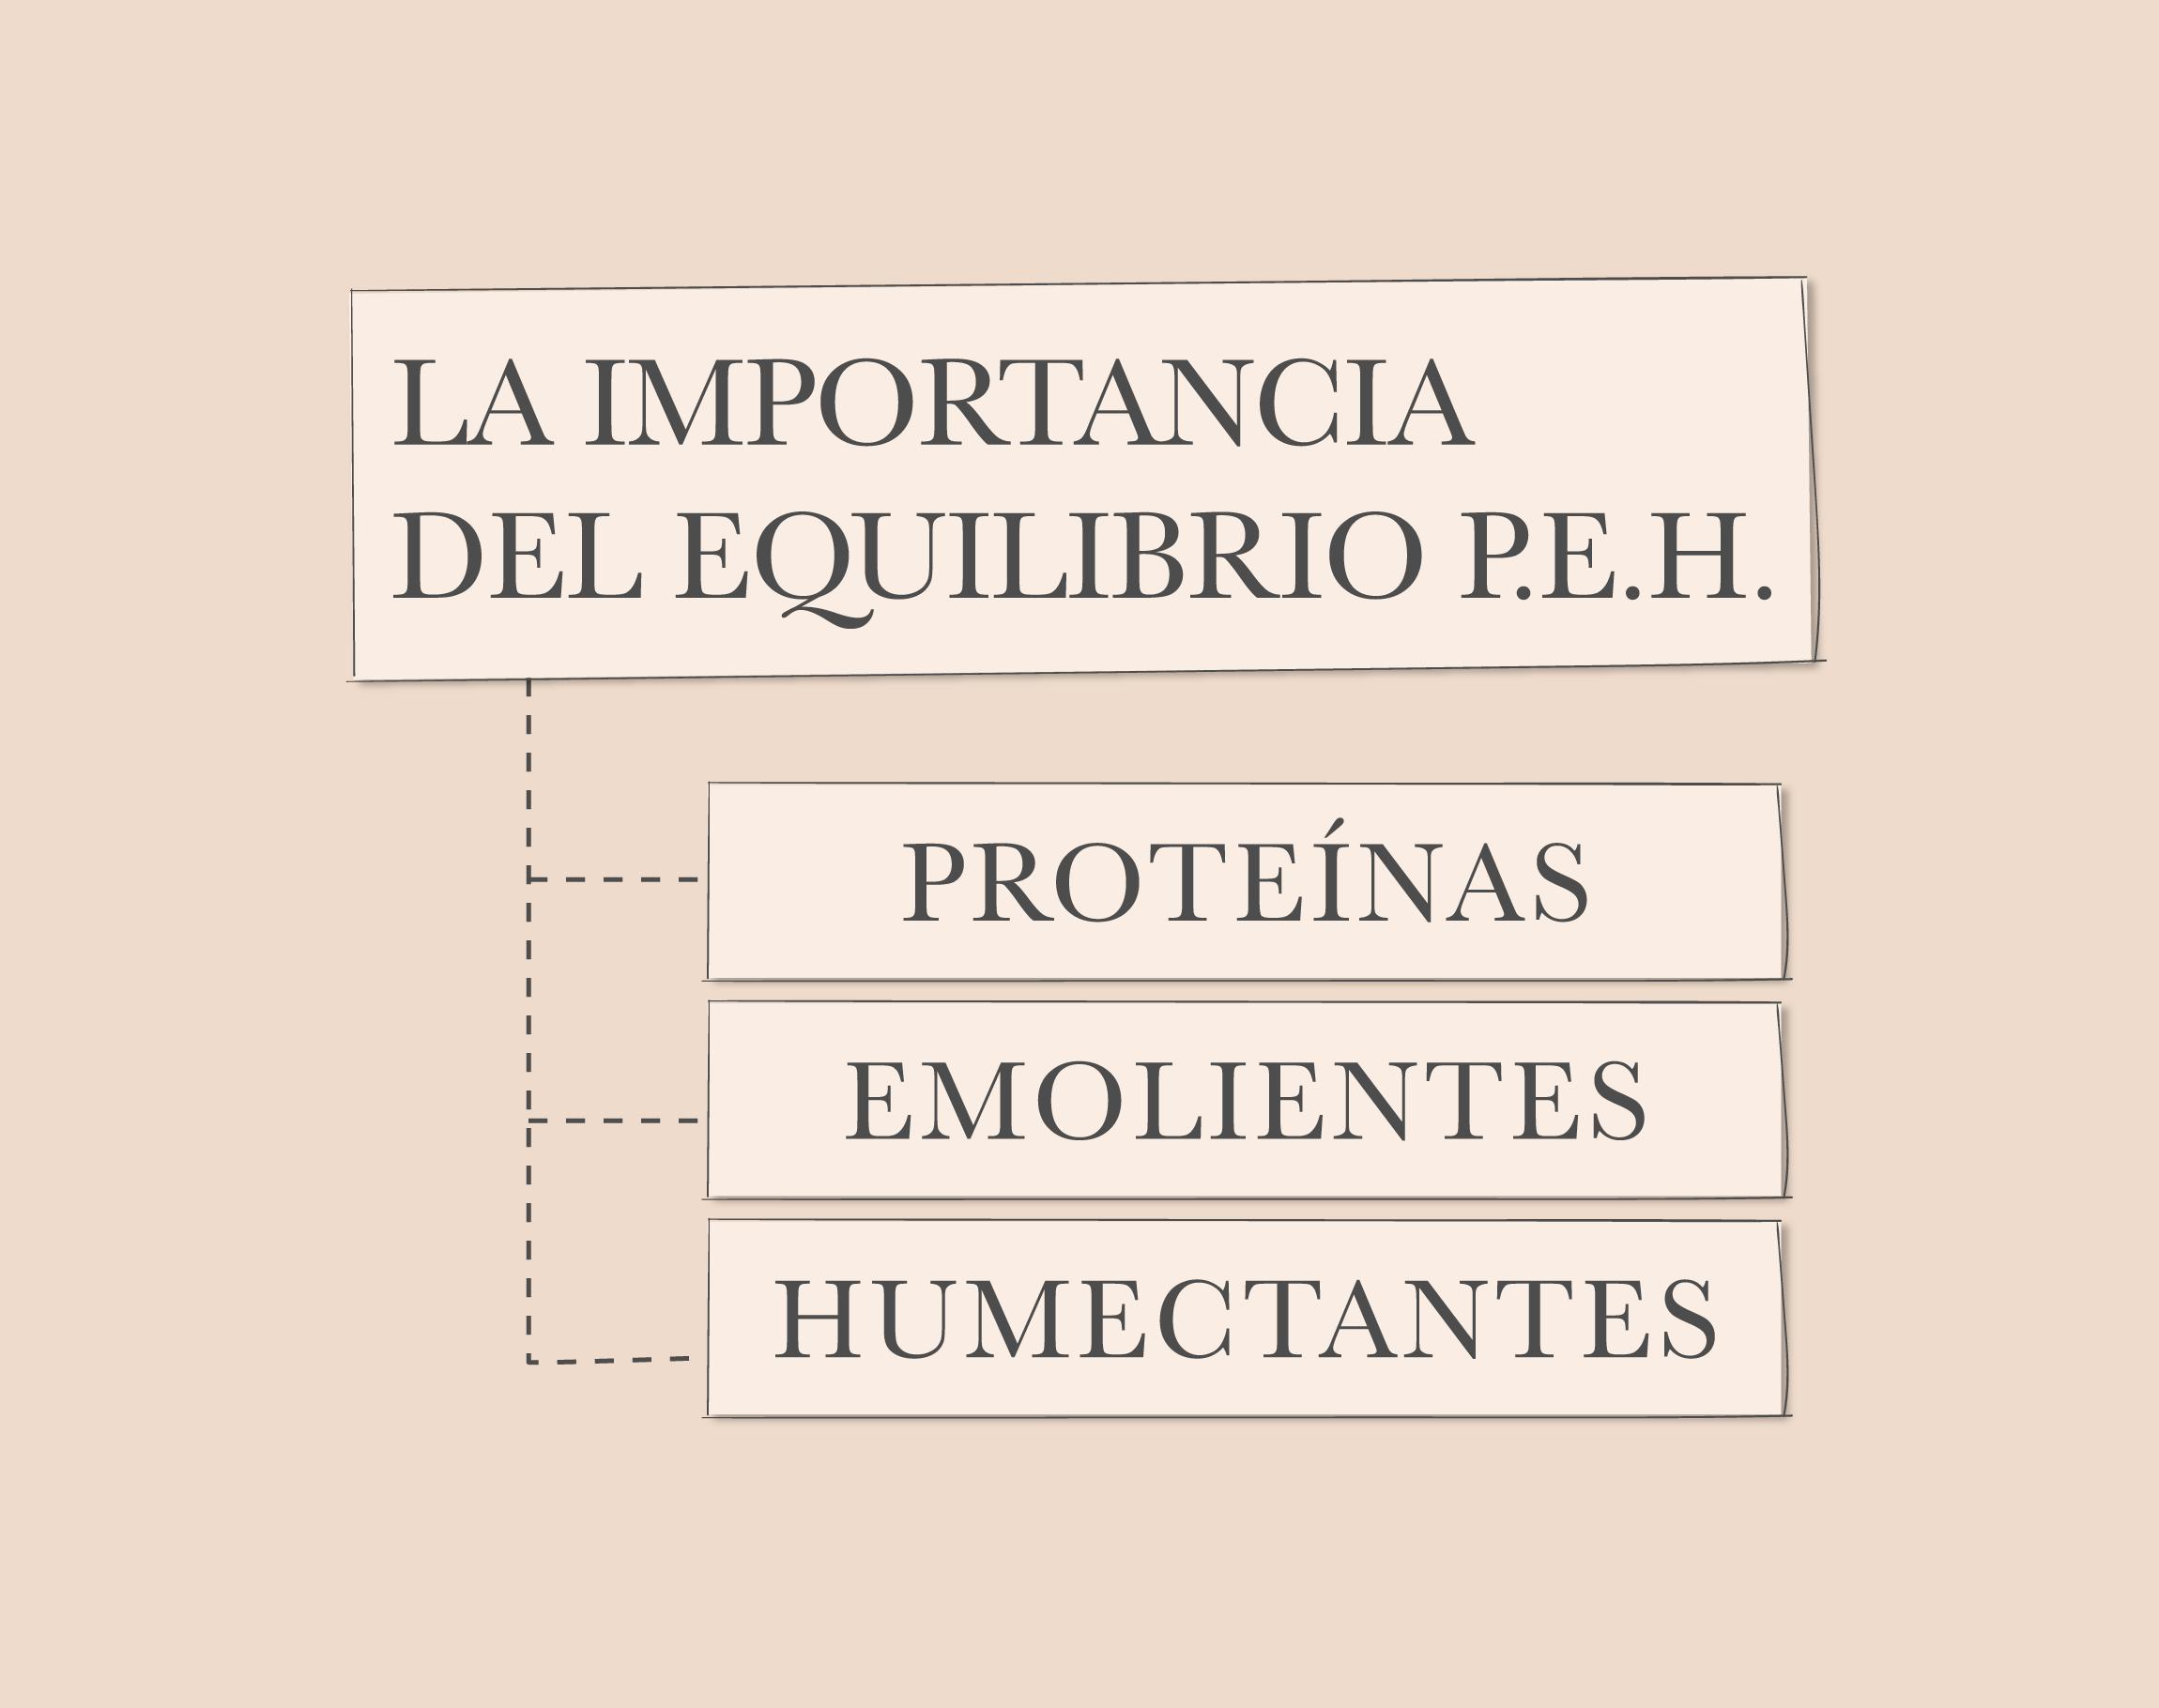 La importancia del Equilibrio P.E.H.